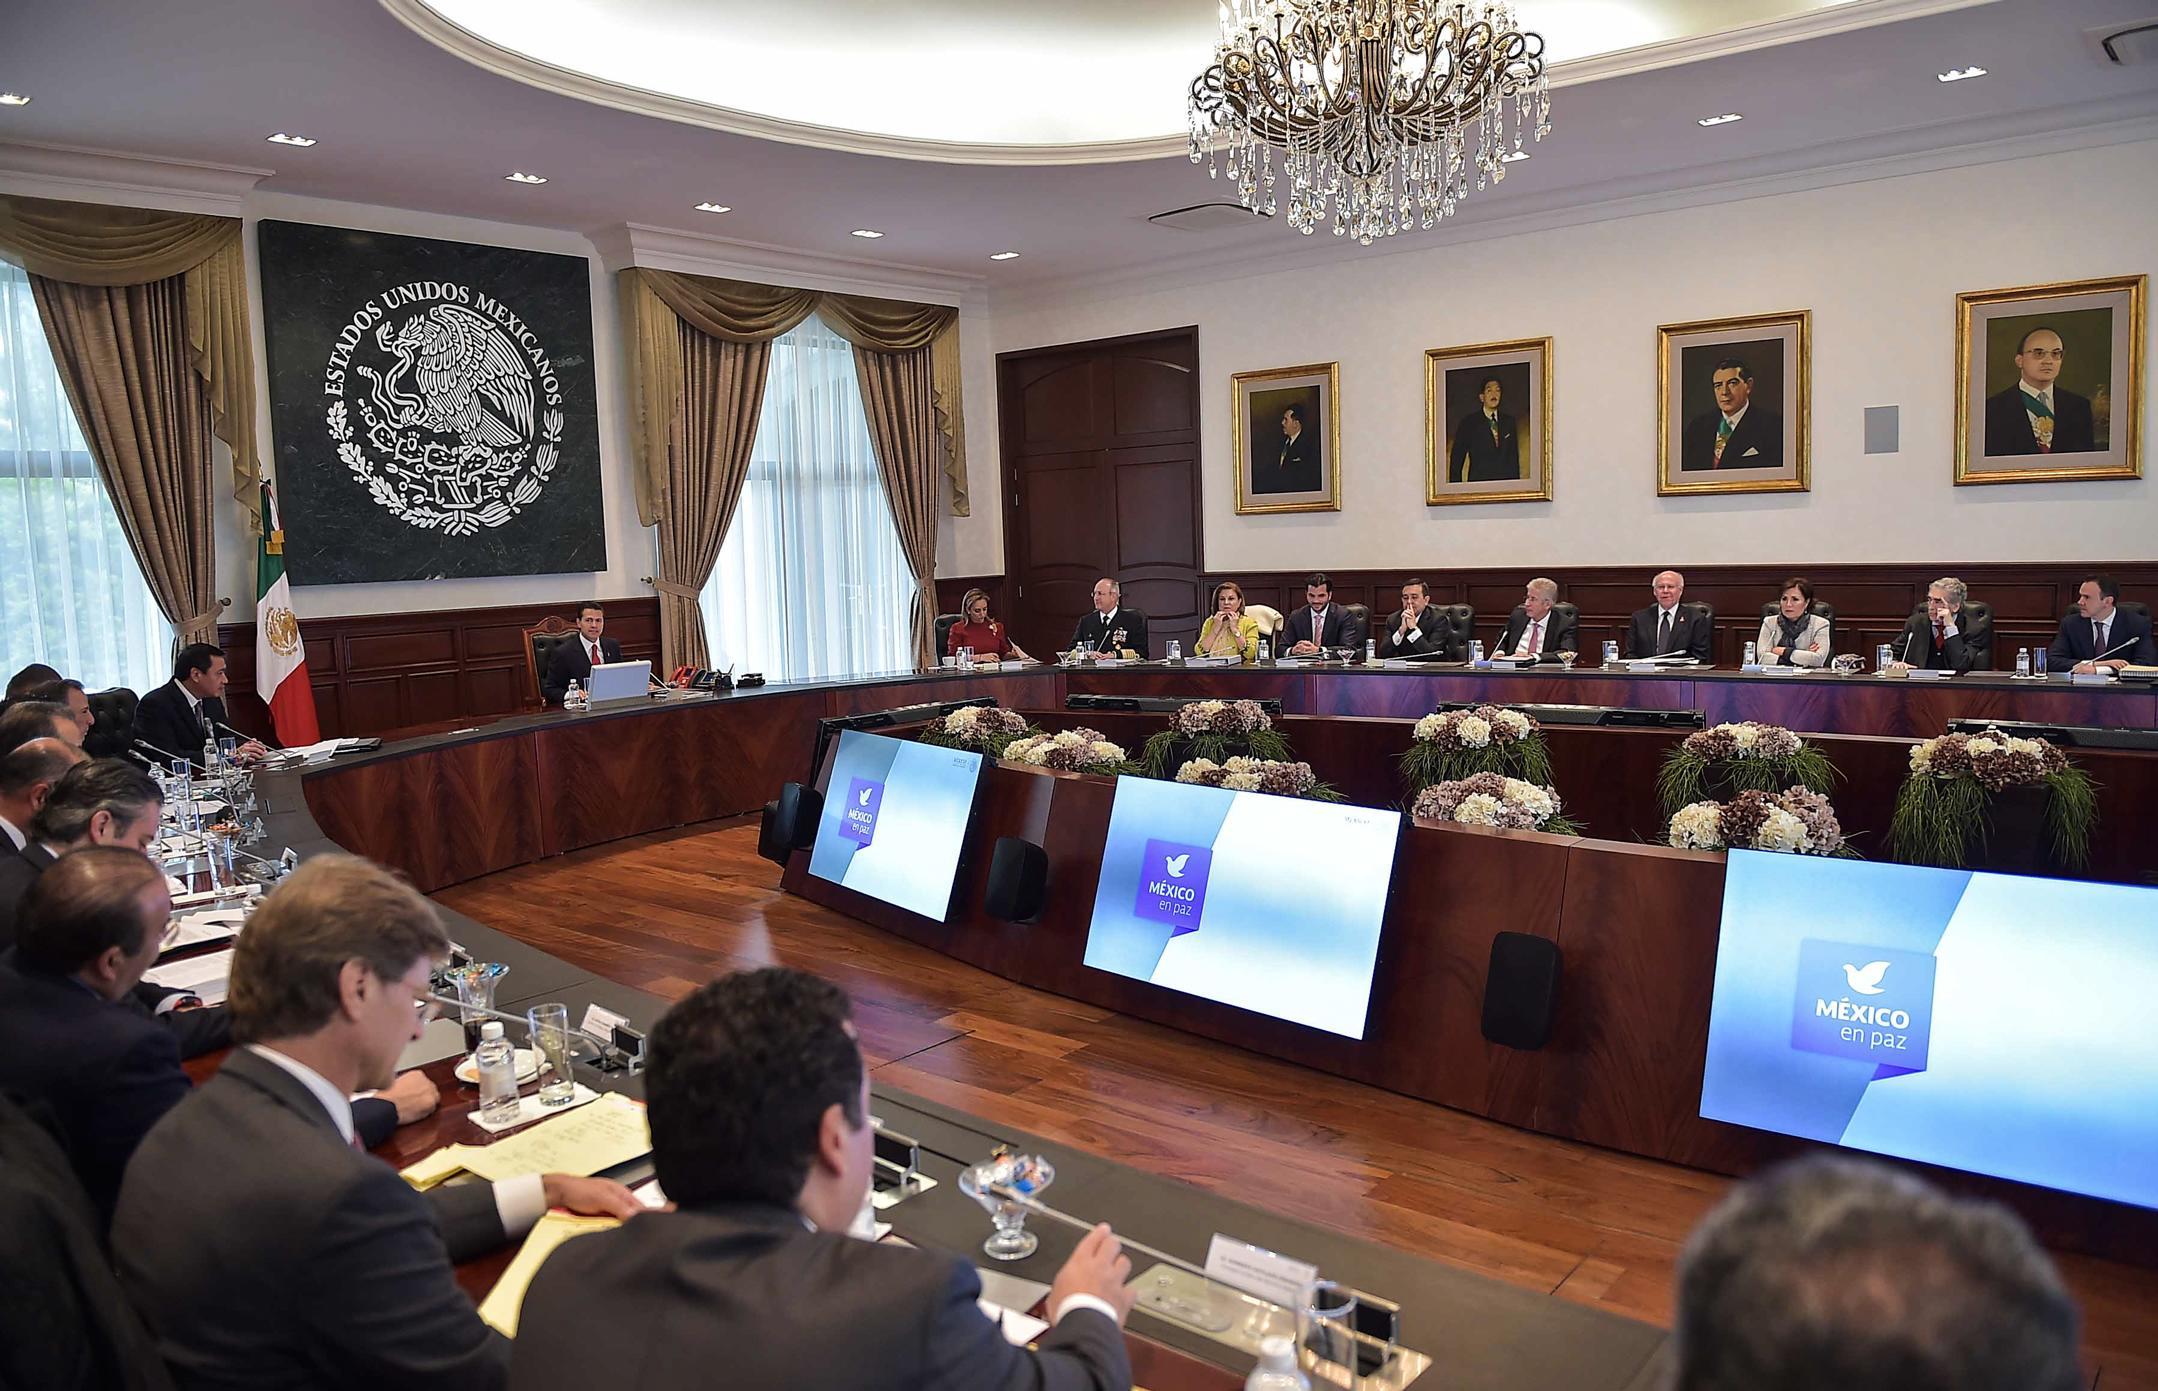 El Primer Mandatario revisó los compromisos y el cronograma de trabajo del Gobierno de la República.